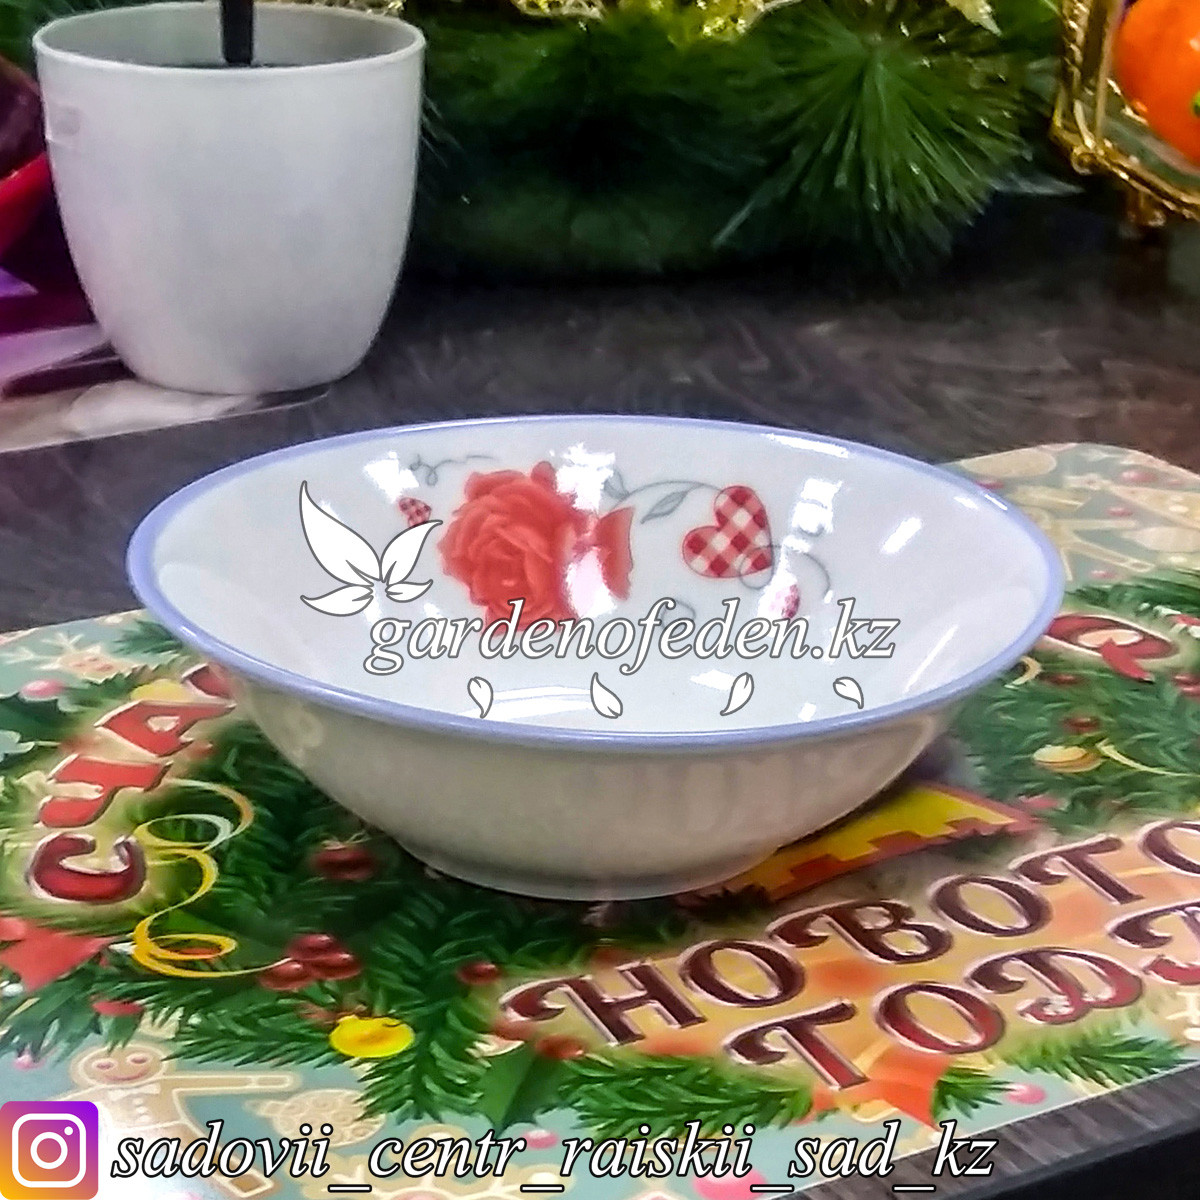 Тарелка суповая, низкая, с узором. Цвет: Белый. Материал: Керамика.